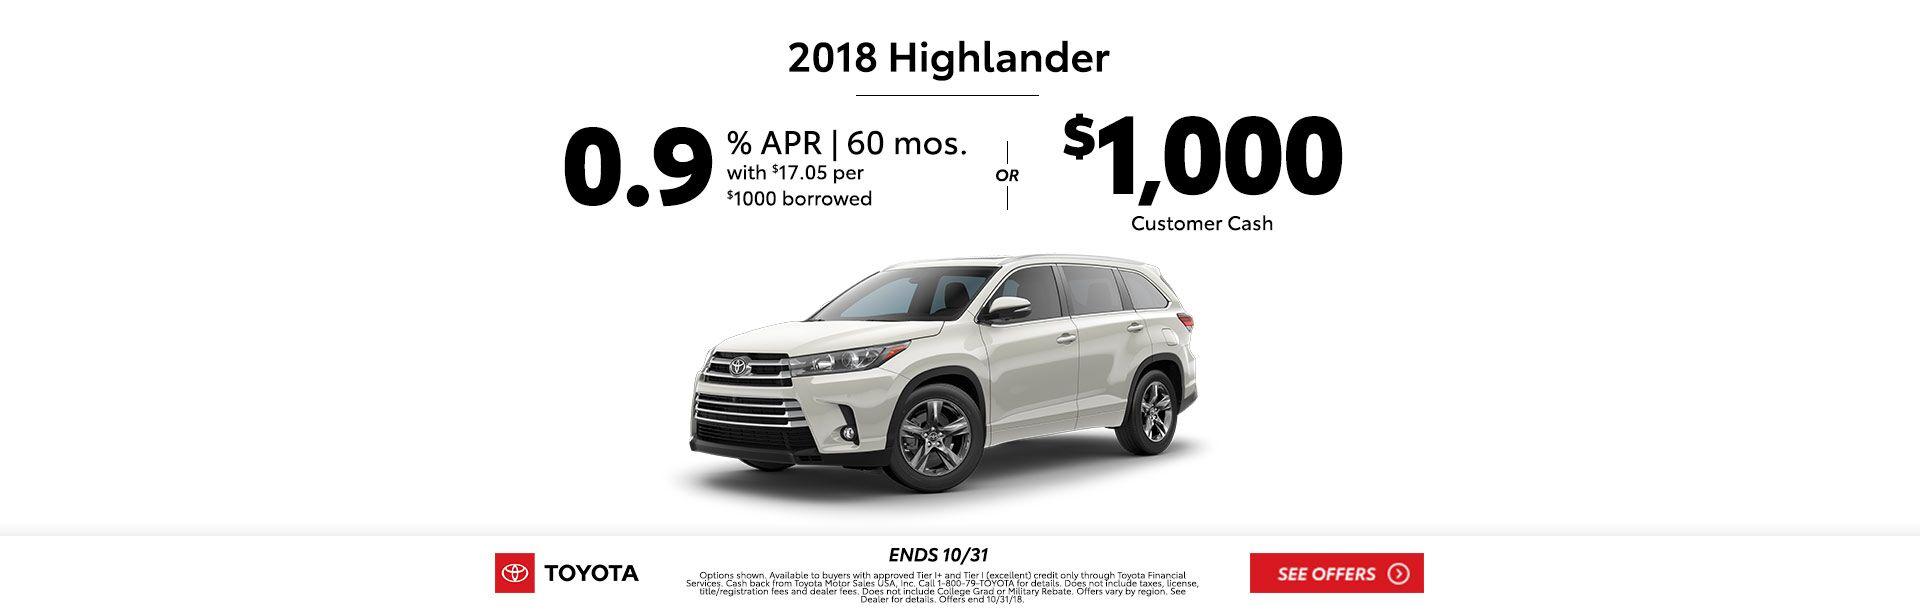 Highlander Customer Cash Oct 2018